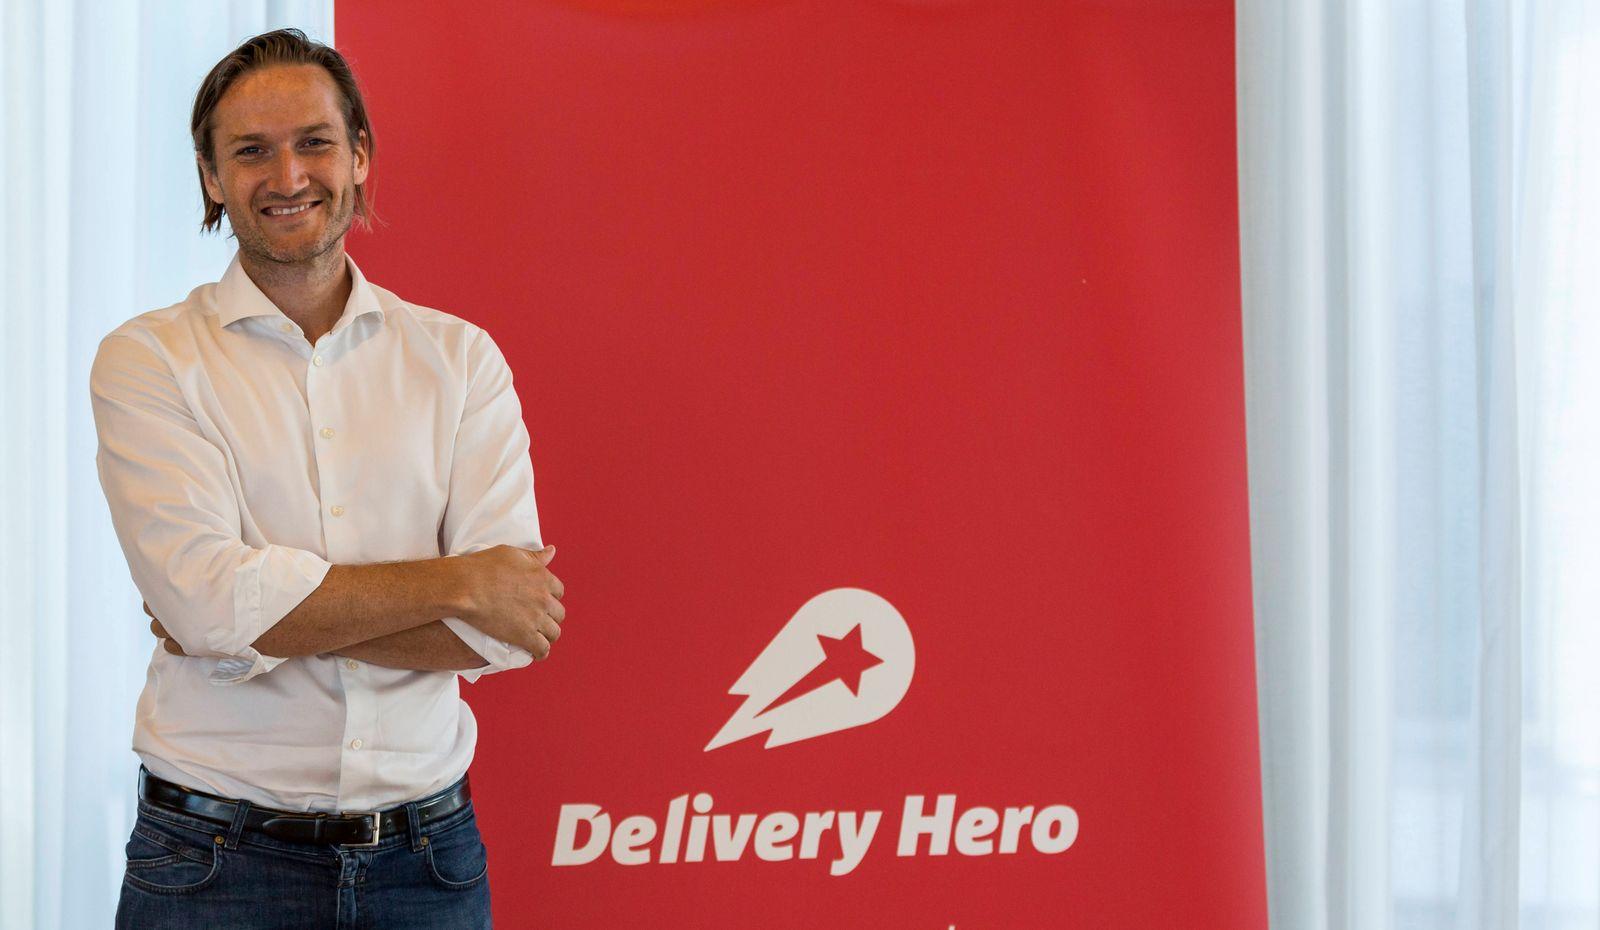 Niklas ÷stberg (Vorstandsvorsitzender der Delivery Hero AG) auf der Delivery Hero AG Hauptversammlung am 06.06.2018 in B